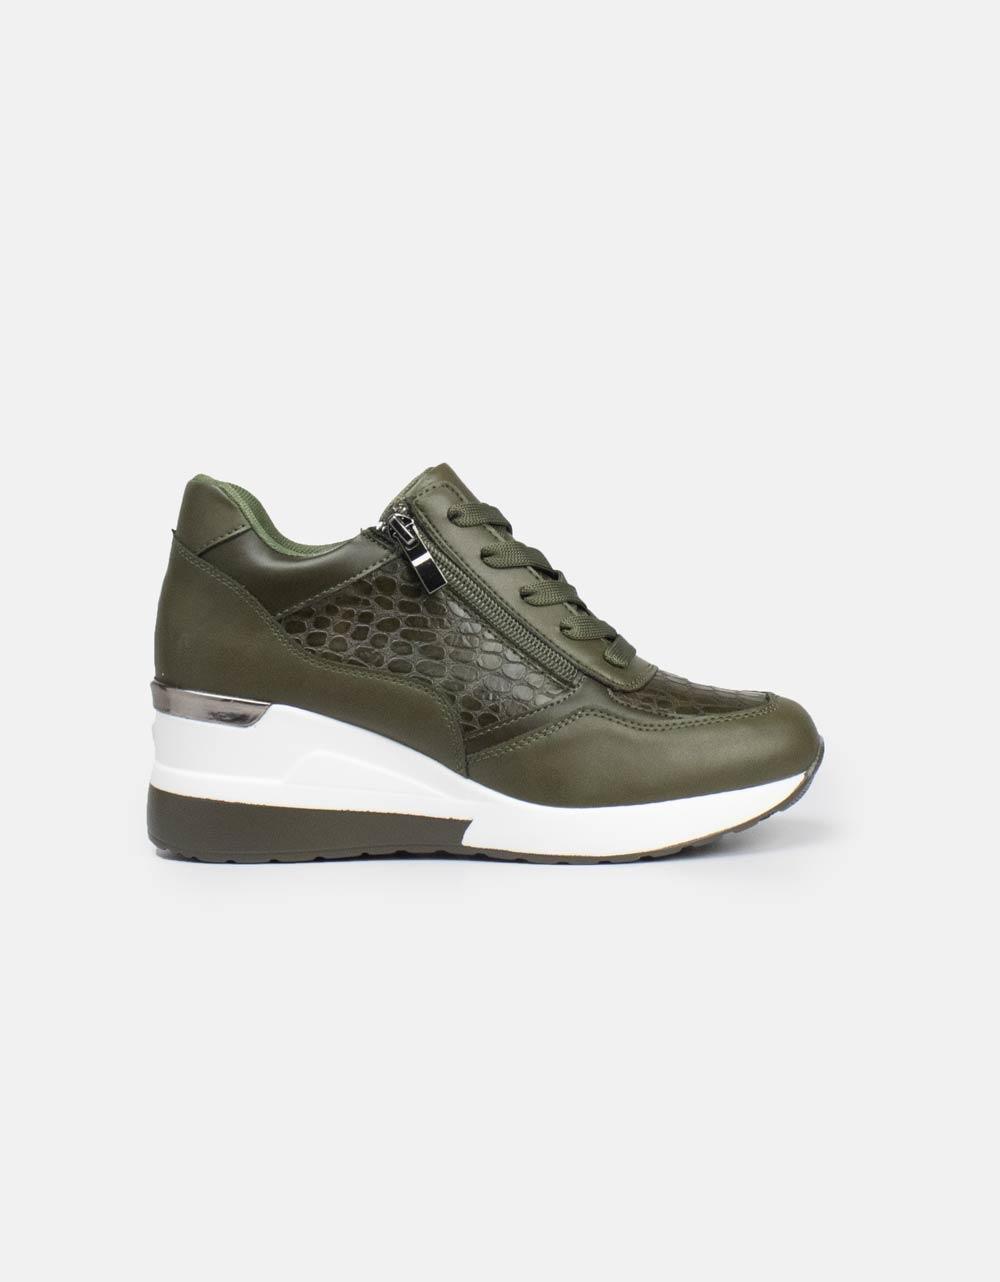 Εικόνα από Γυναικεία sneakers με φερμουάρ και κορδόνια Πράσινο